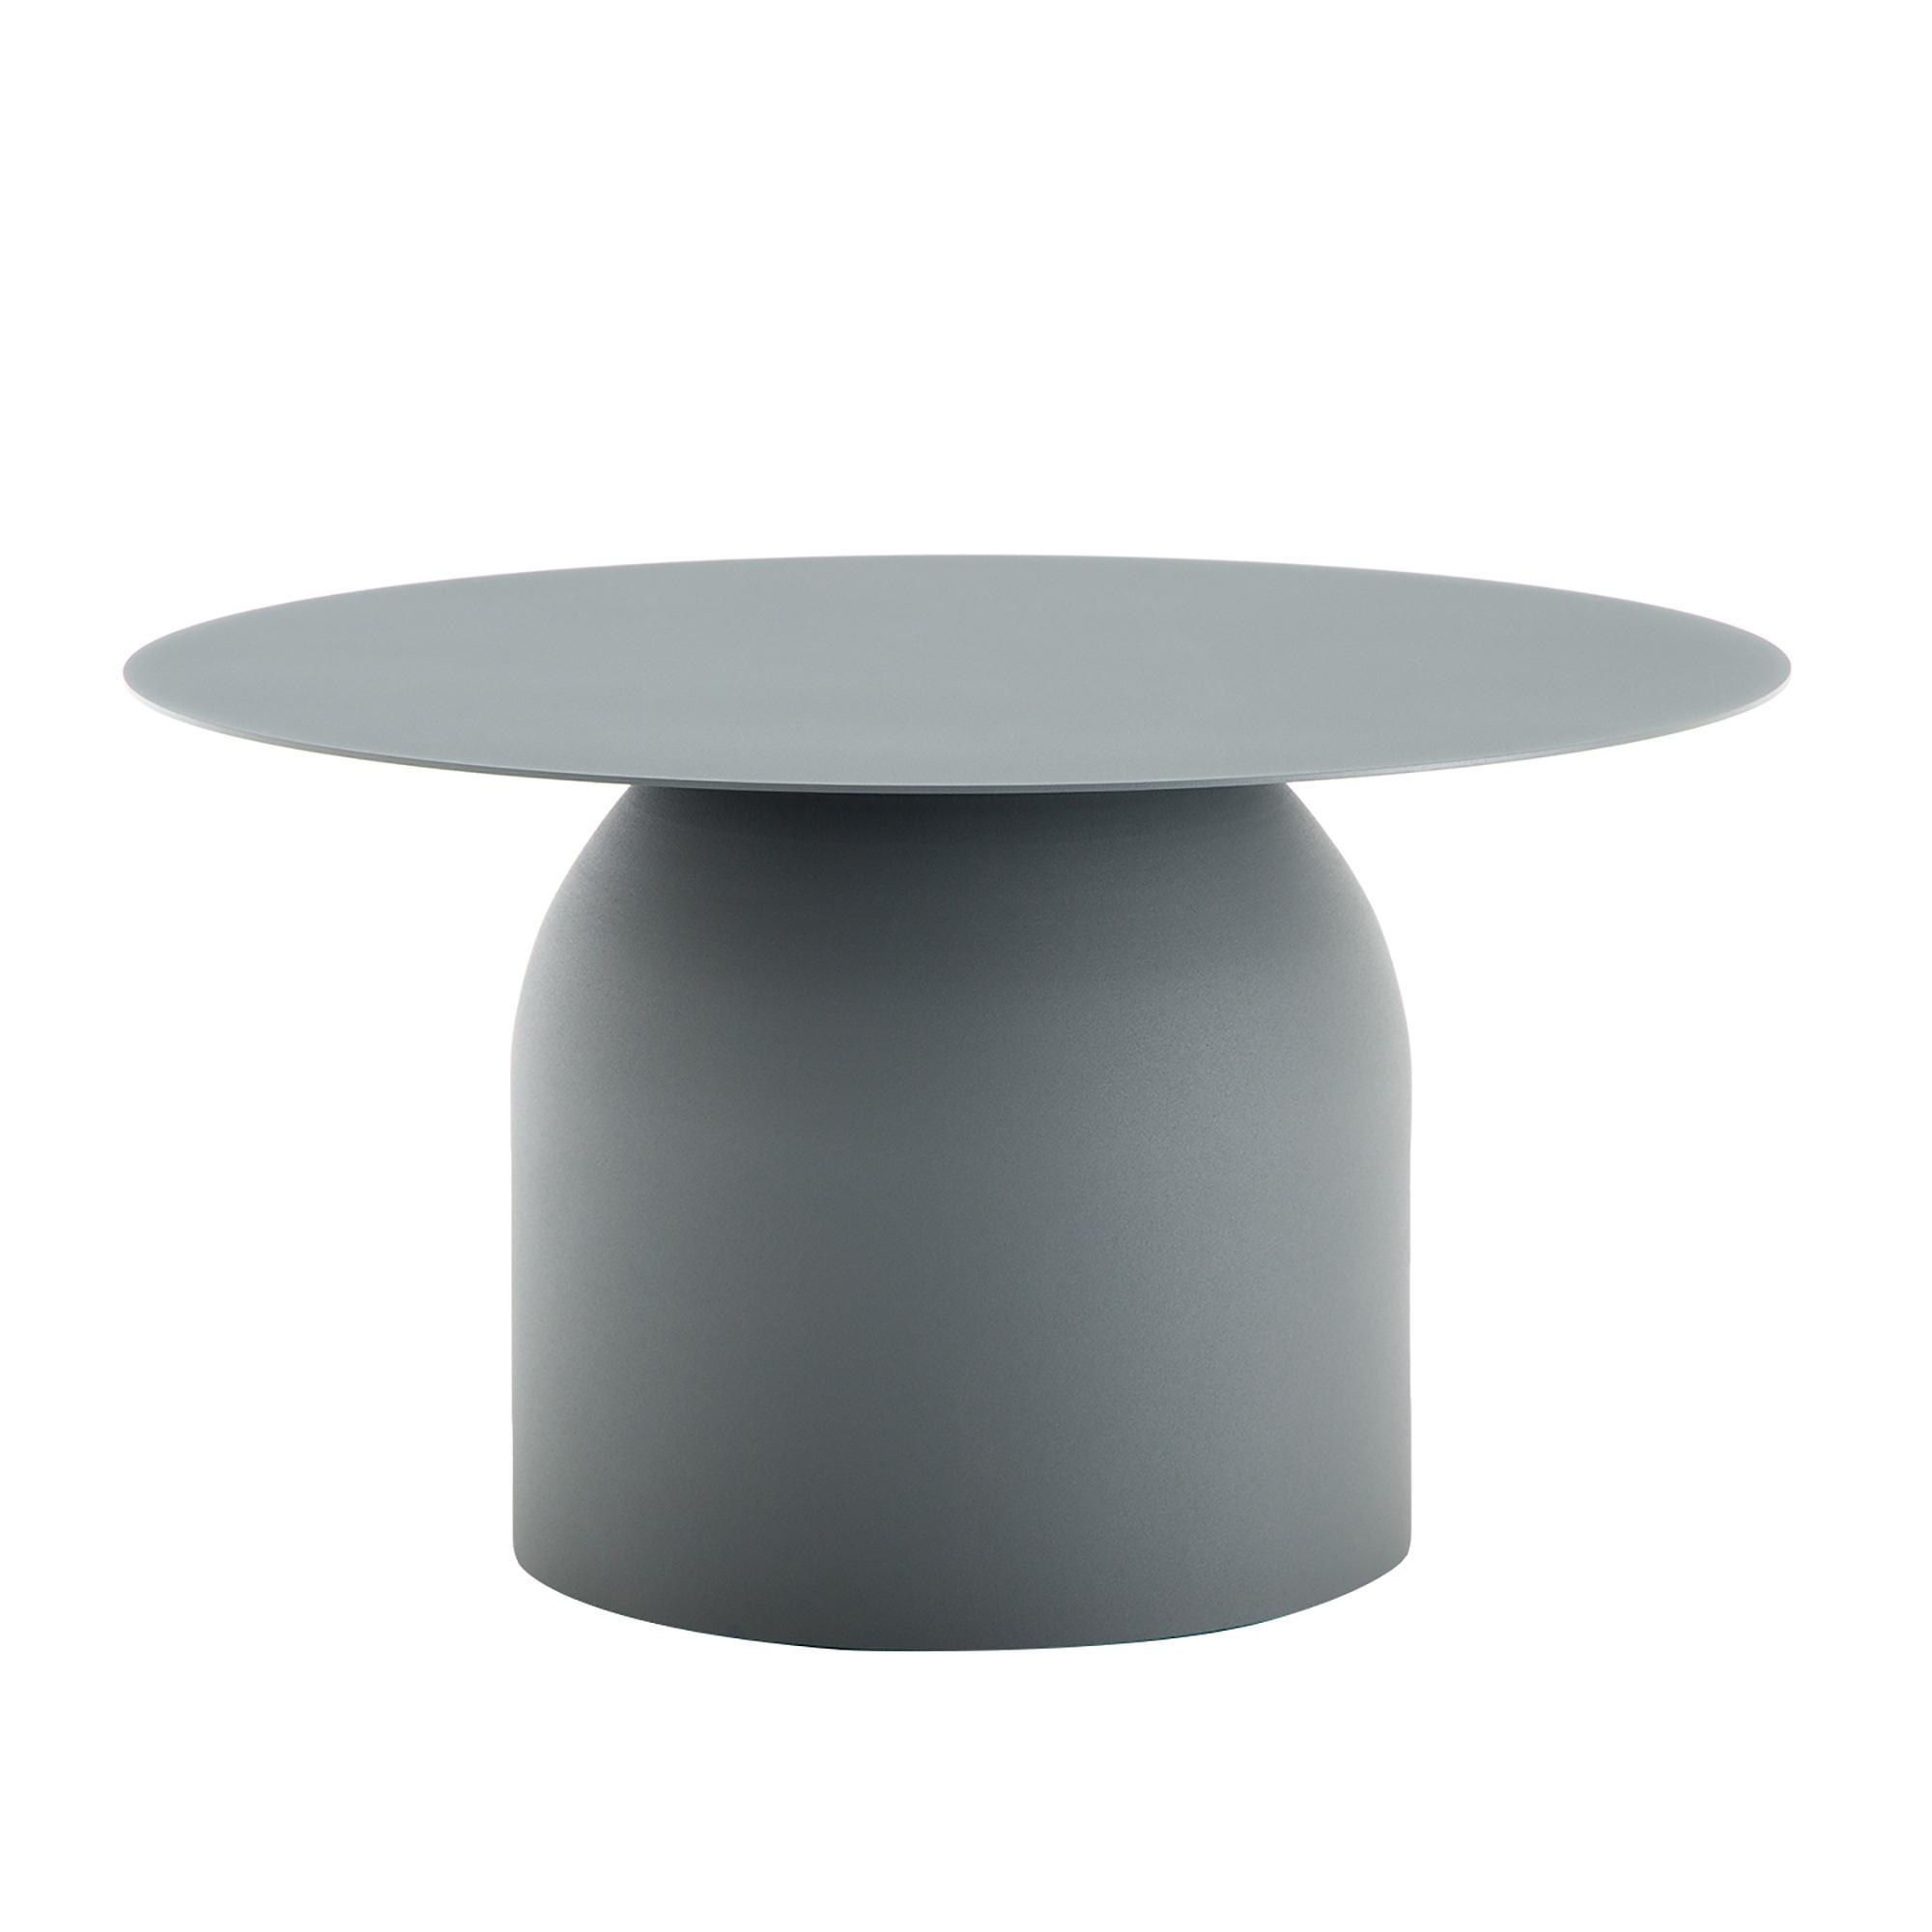 freistil rolf benz freistil 154 table basse 70cm. Black Bedroom Furniture Sets. Home Design Ideas